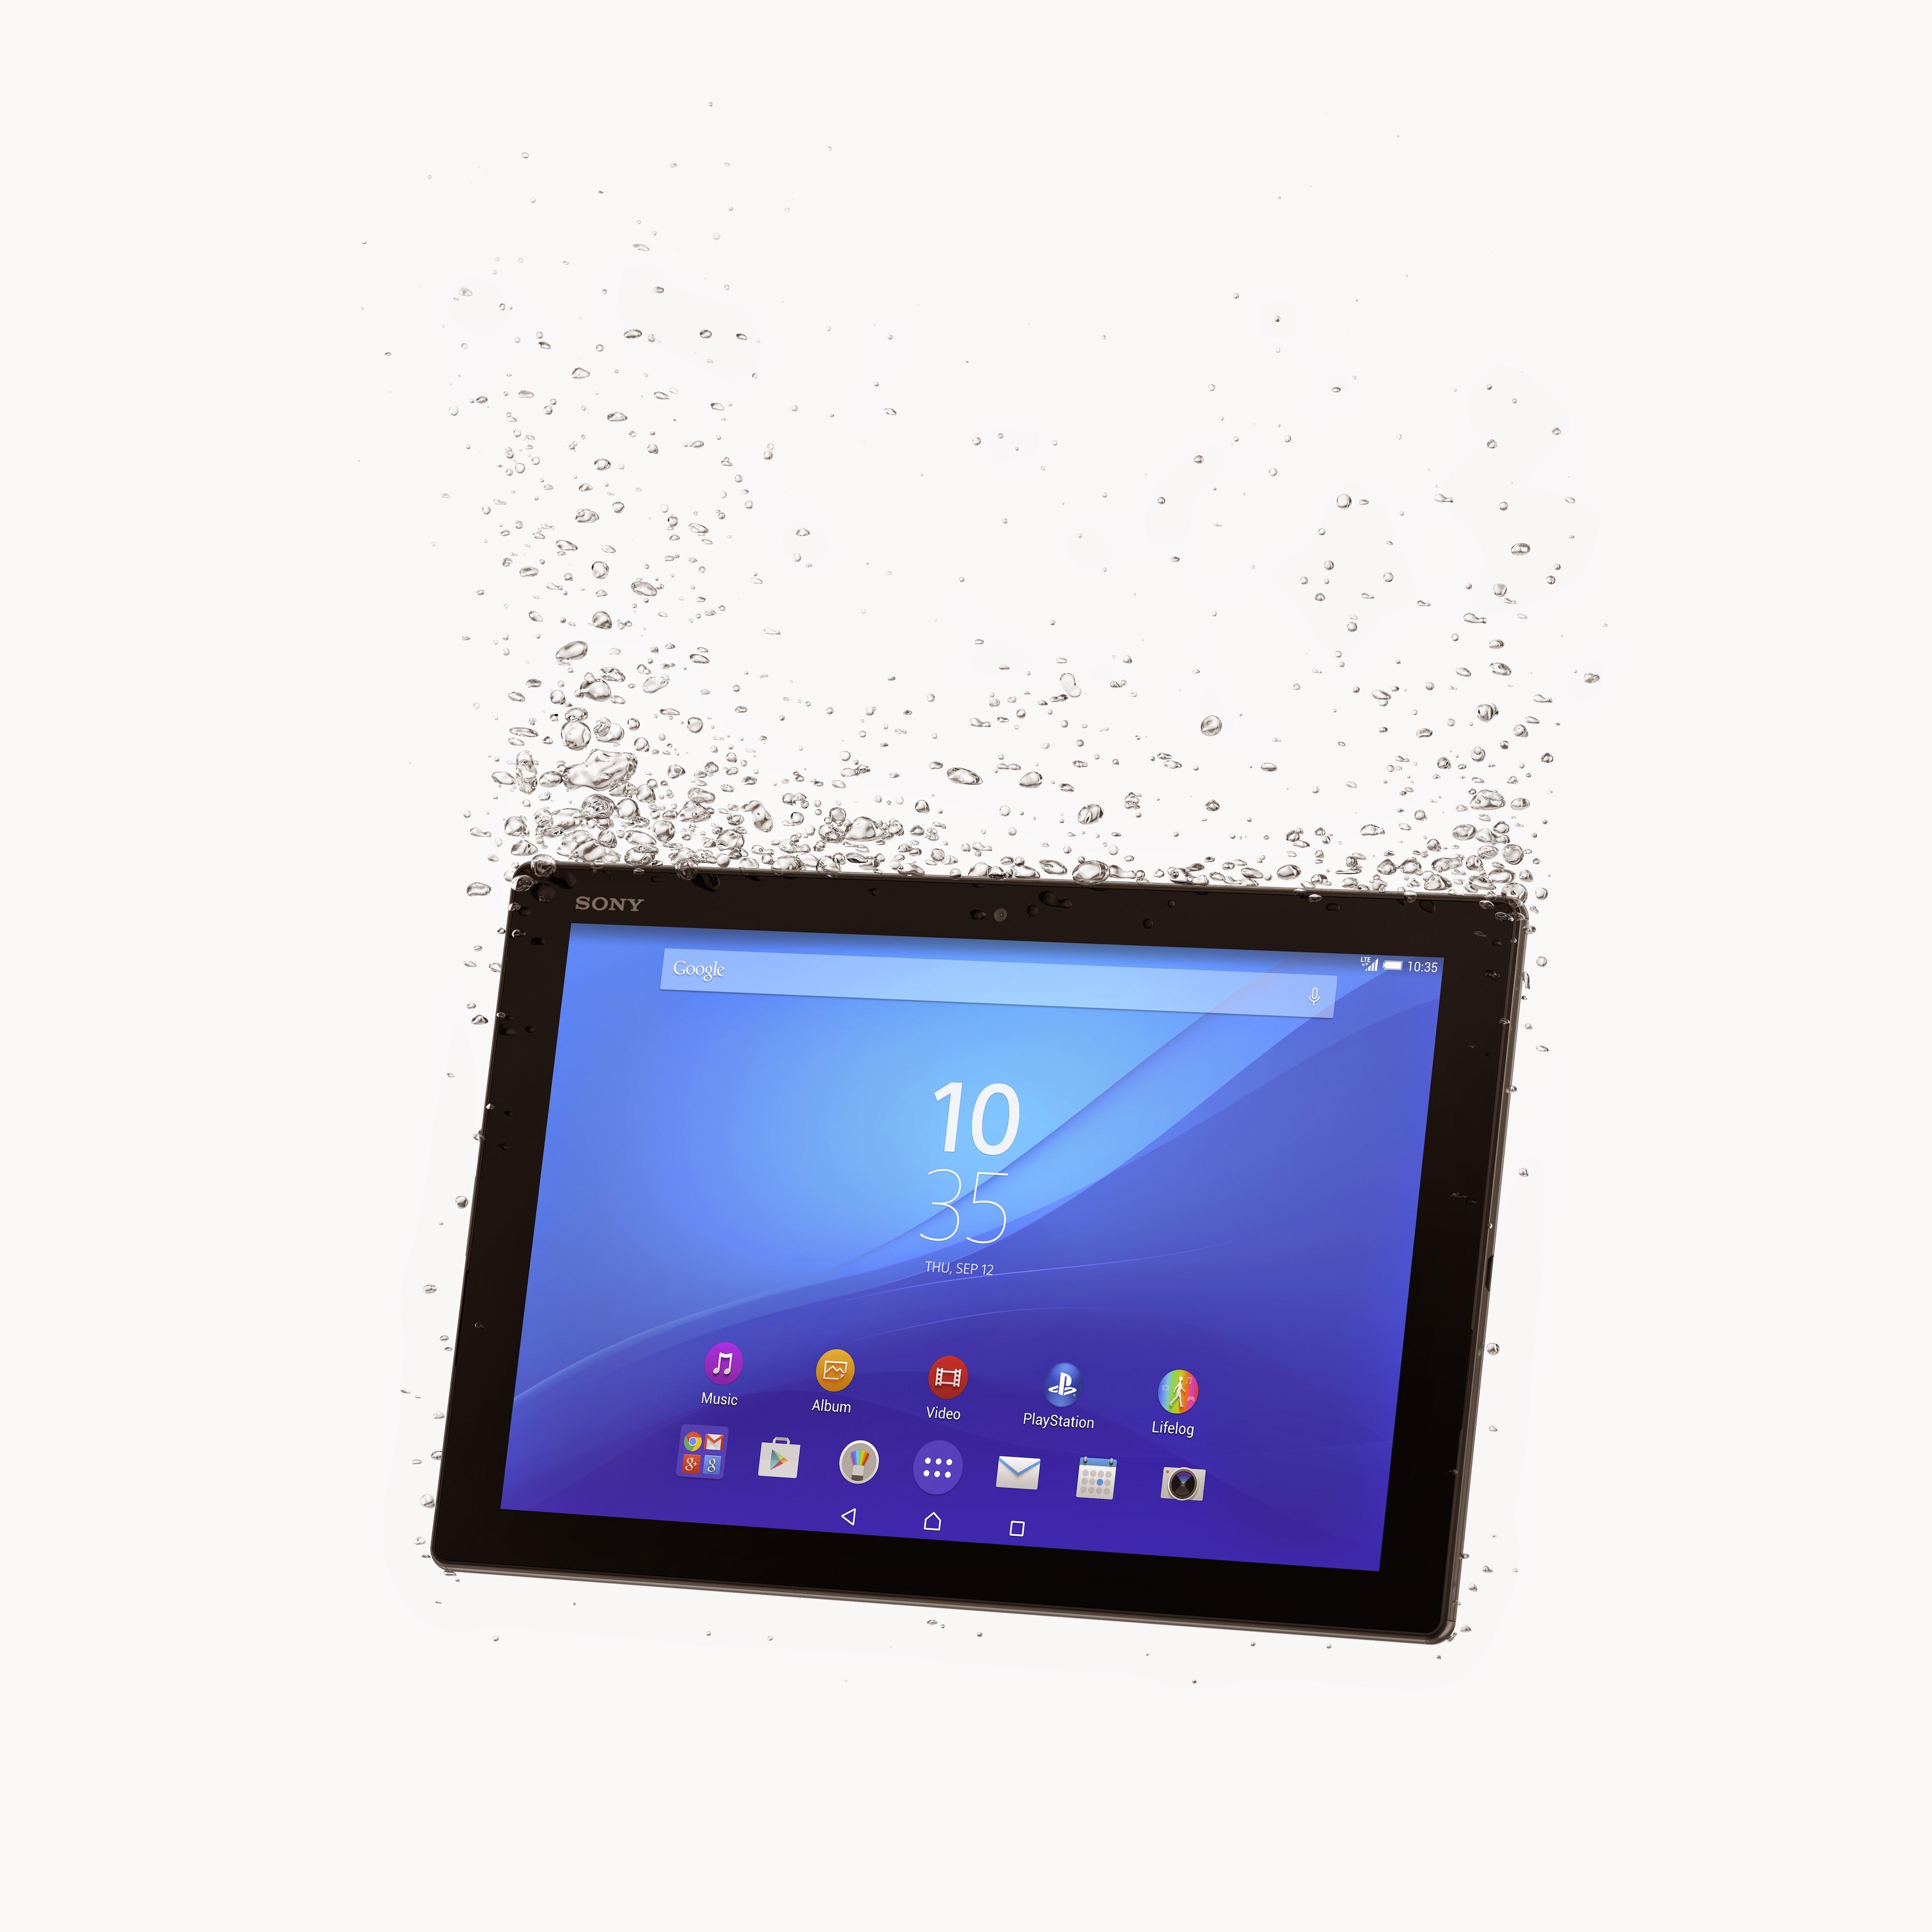 どっち買うべき!?Xperia Z4 TabletとiPad Air2 を比較してみた